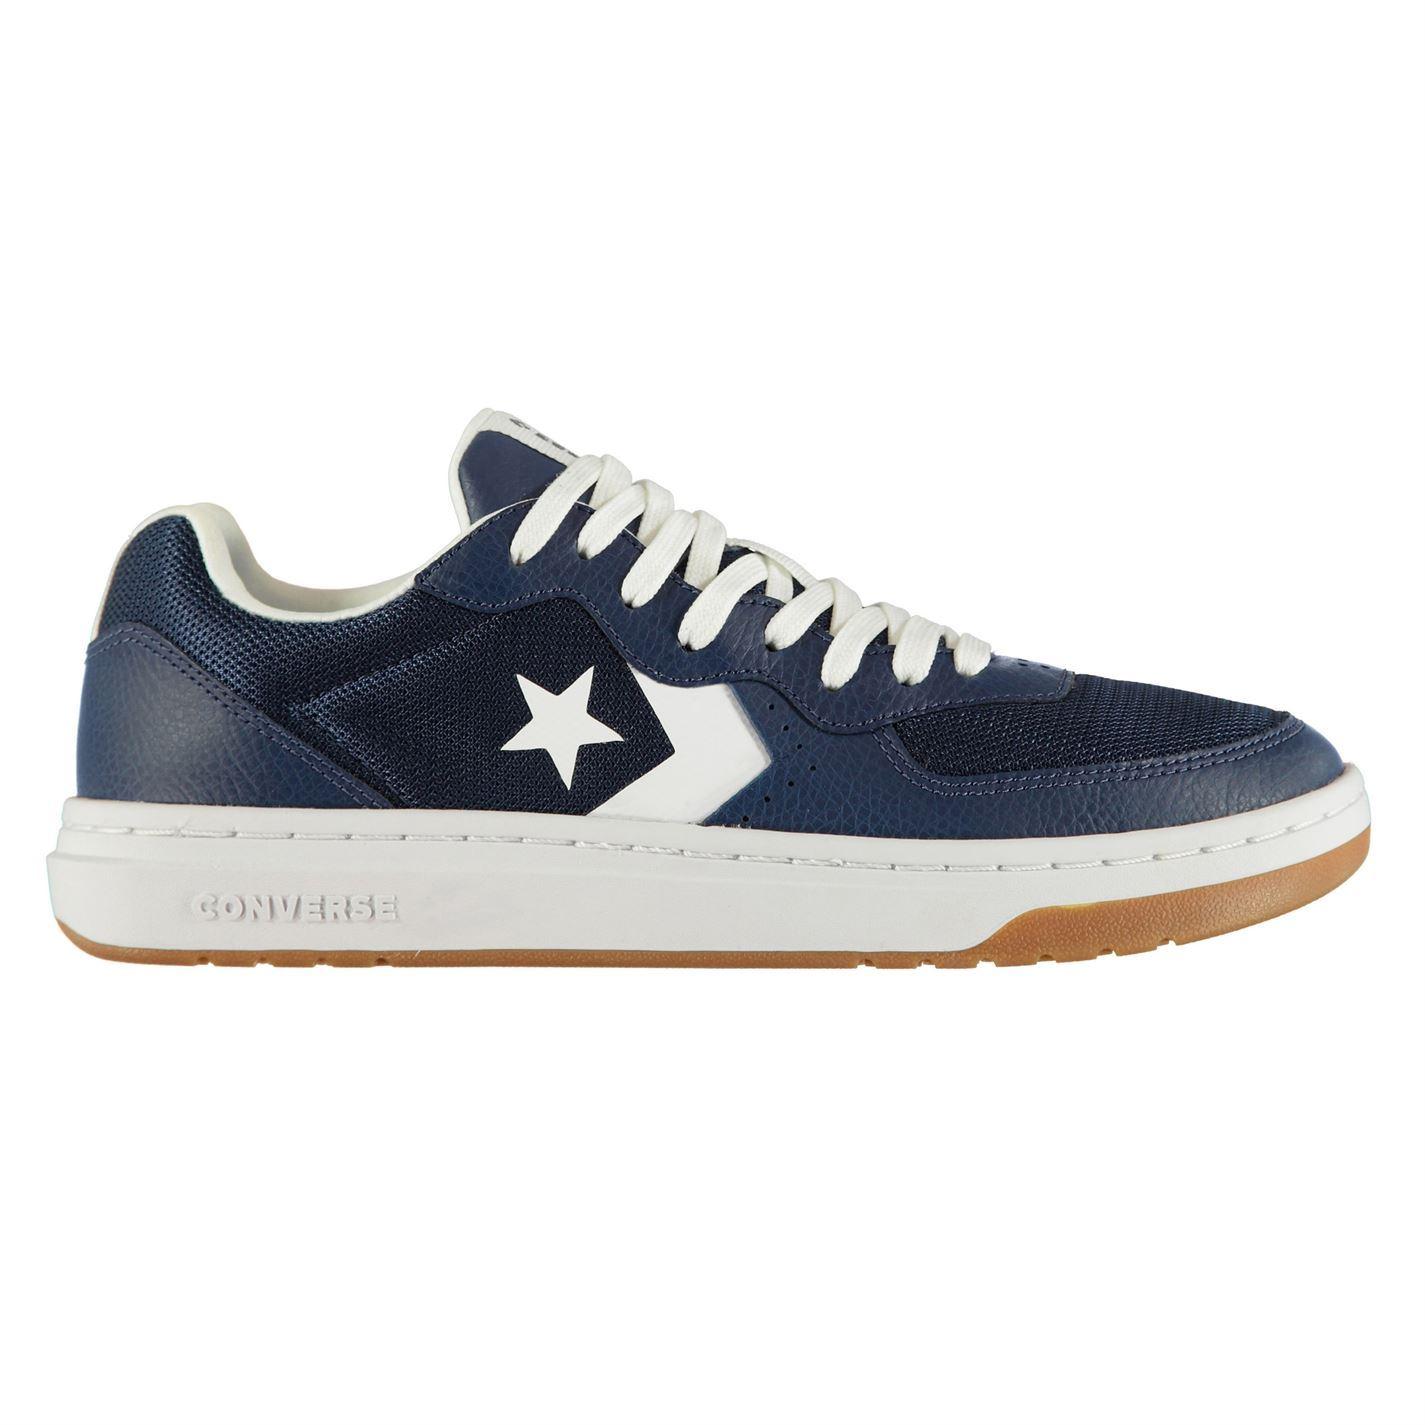 Converse-Rival-Baskets-Pour-Homme-Chaussures-De-Loisirs-Chaussures-Baskets miniature 16